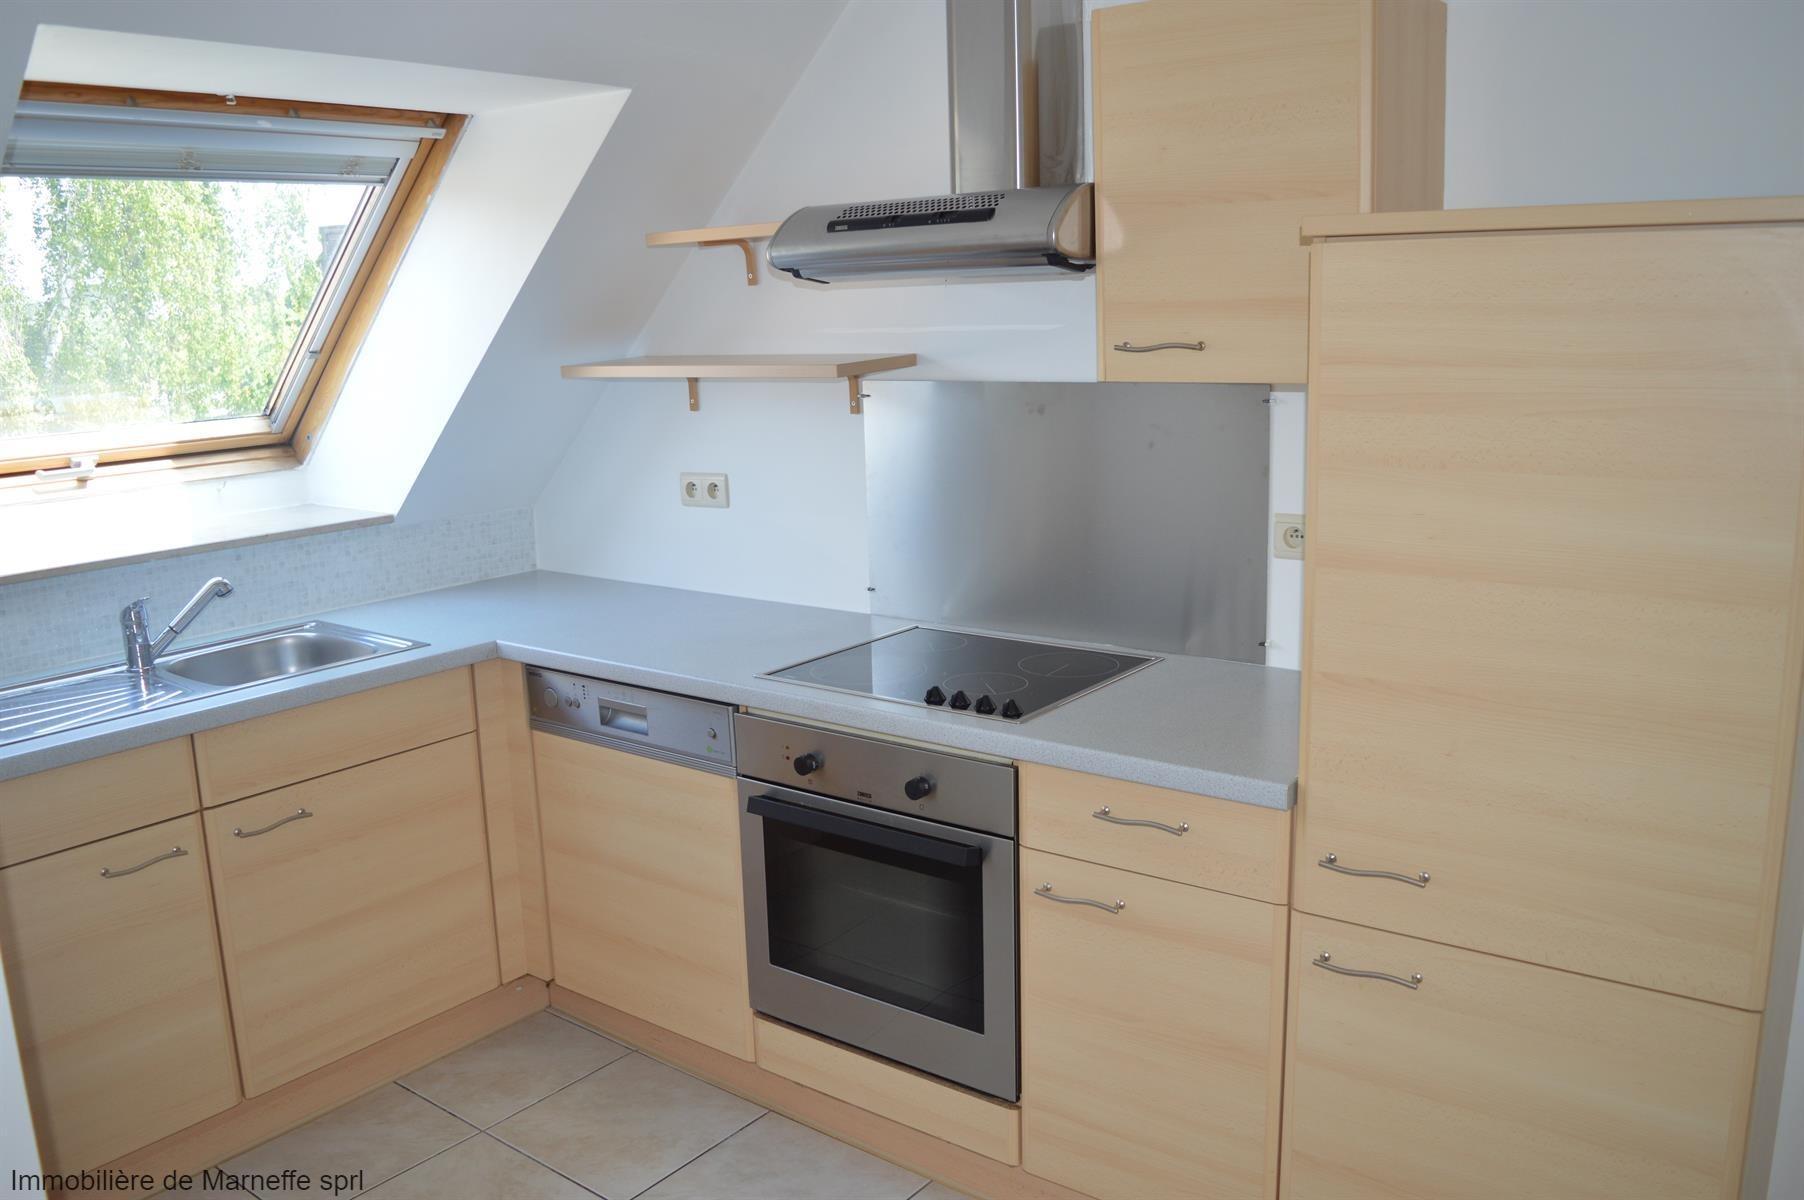 Duplex - Waremme - #4383135-11